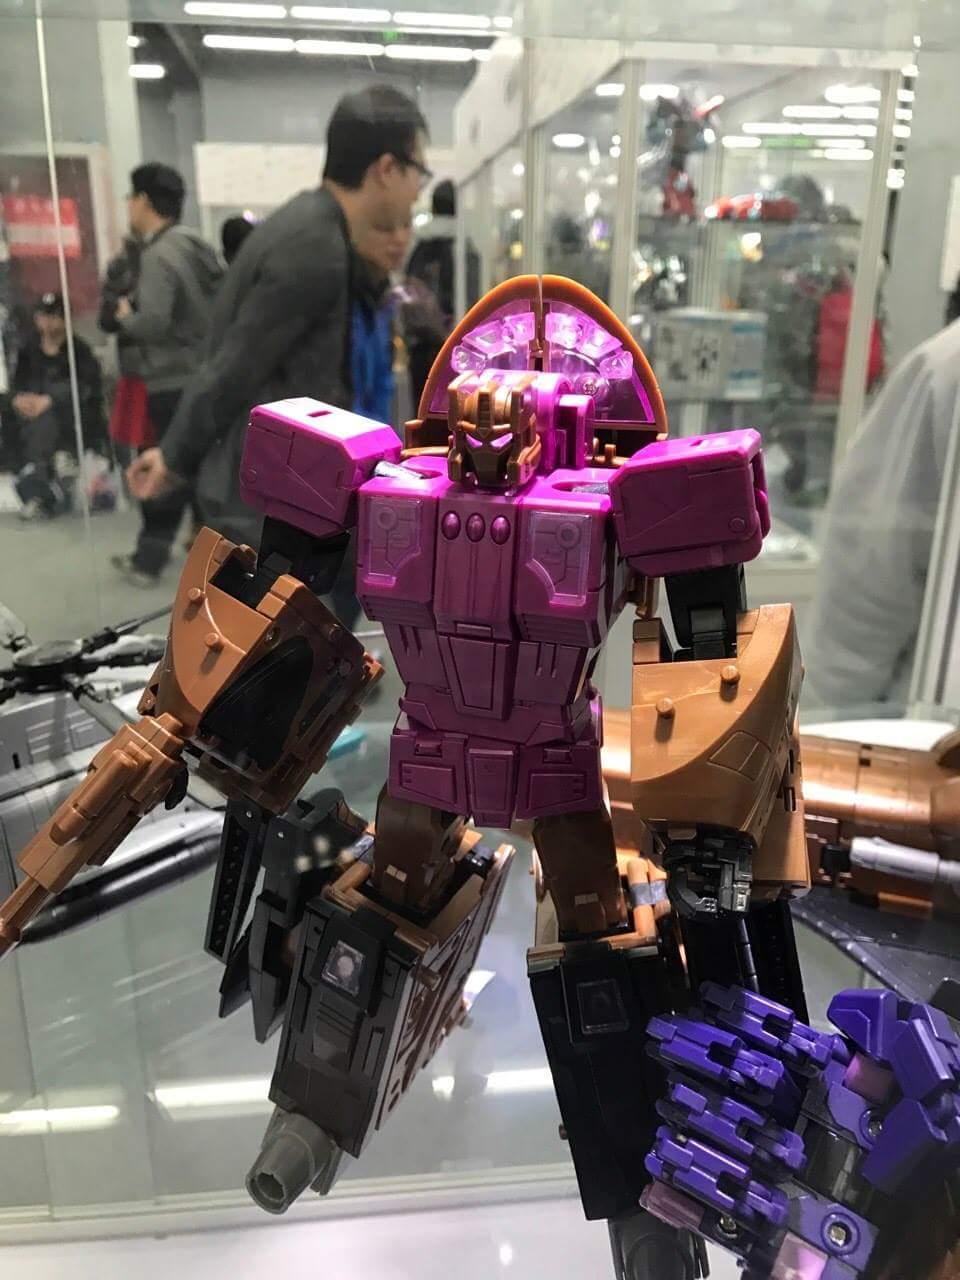 [Zeta Toys] Produit Tiers - Armageddon (ZA-01 à ZA-05) - ZA-06 Bruticon - ZA-07 Bruticon ― aka Bruticus (Studio OX, couleurs G1, métallique) FkTjjEhZ